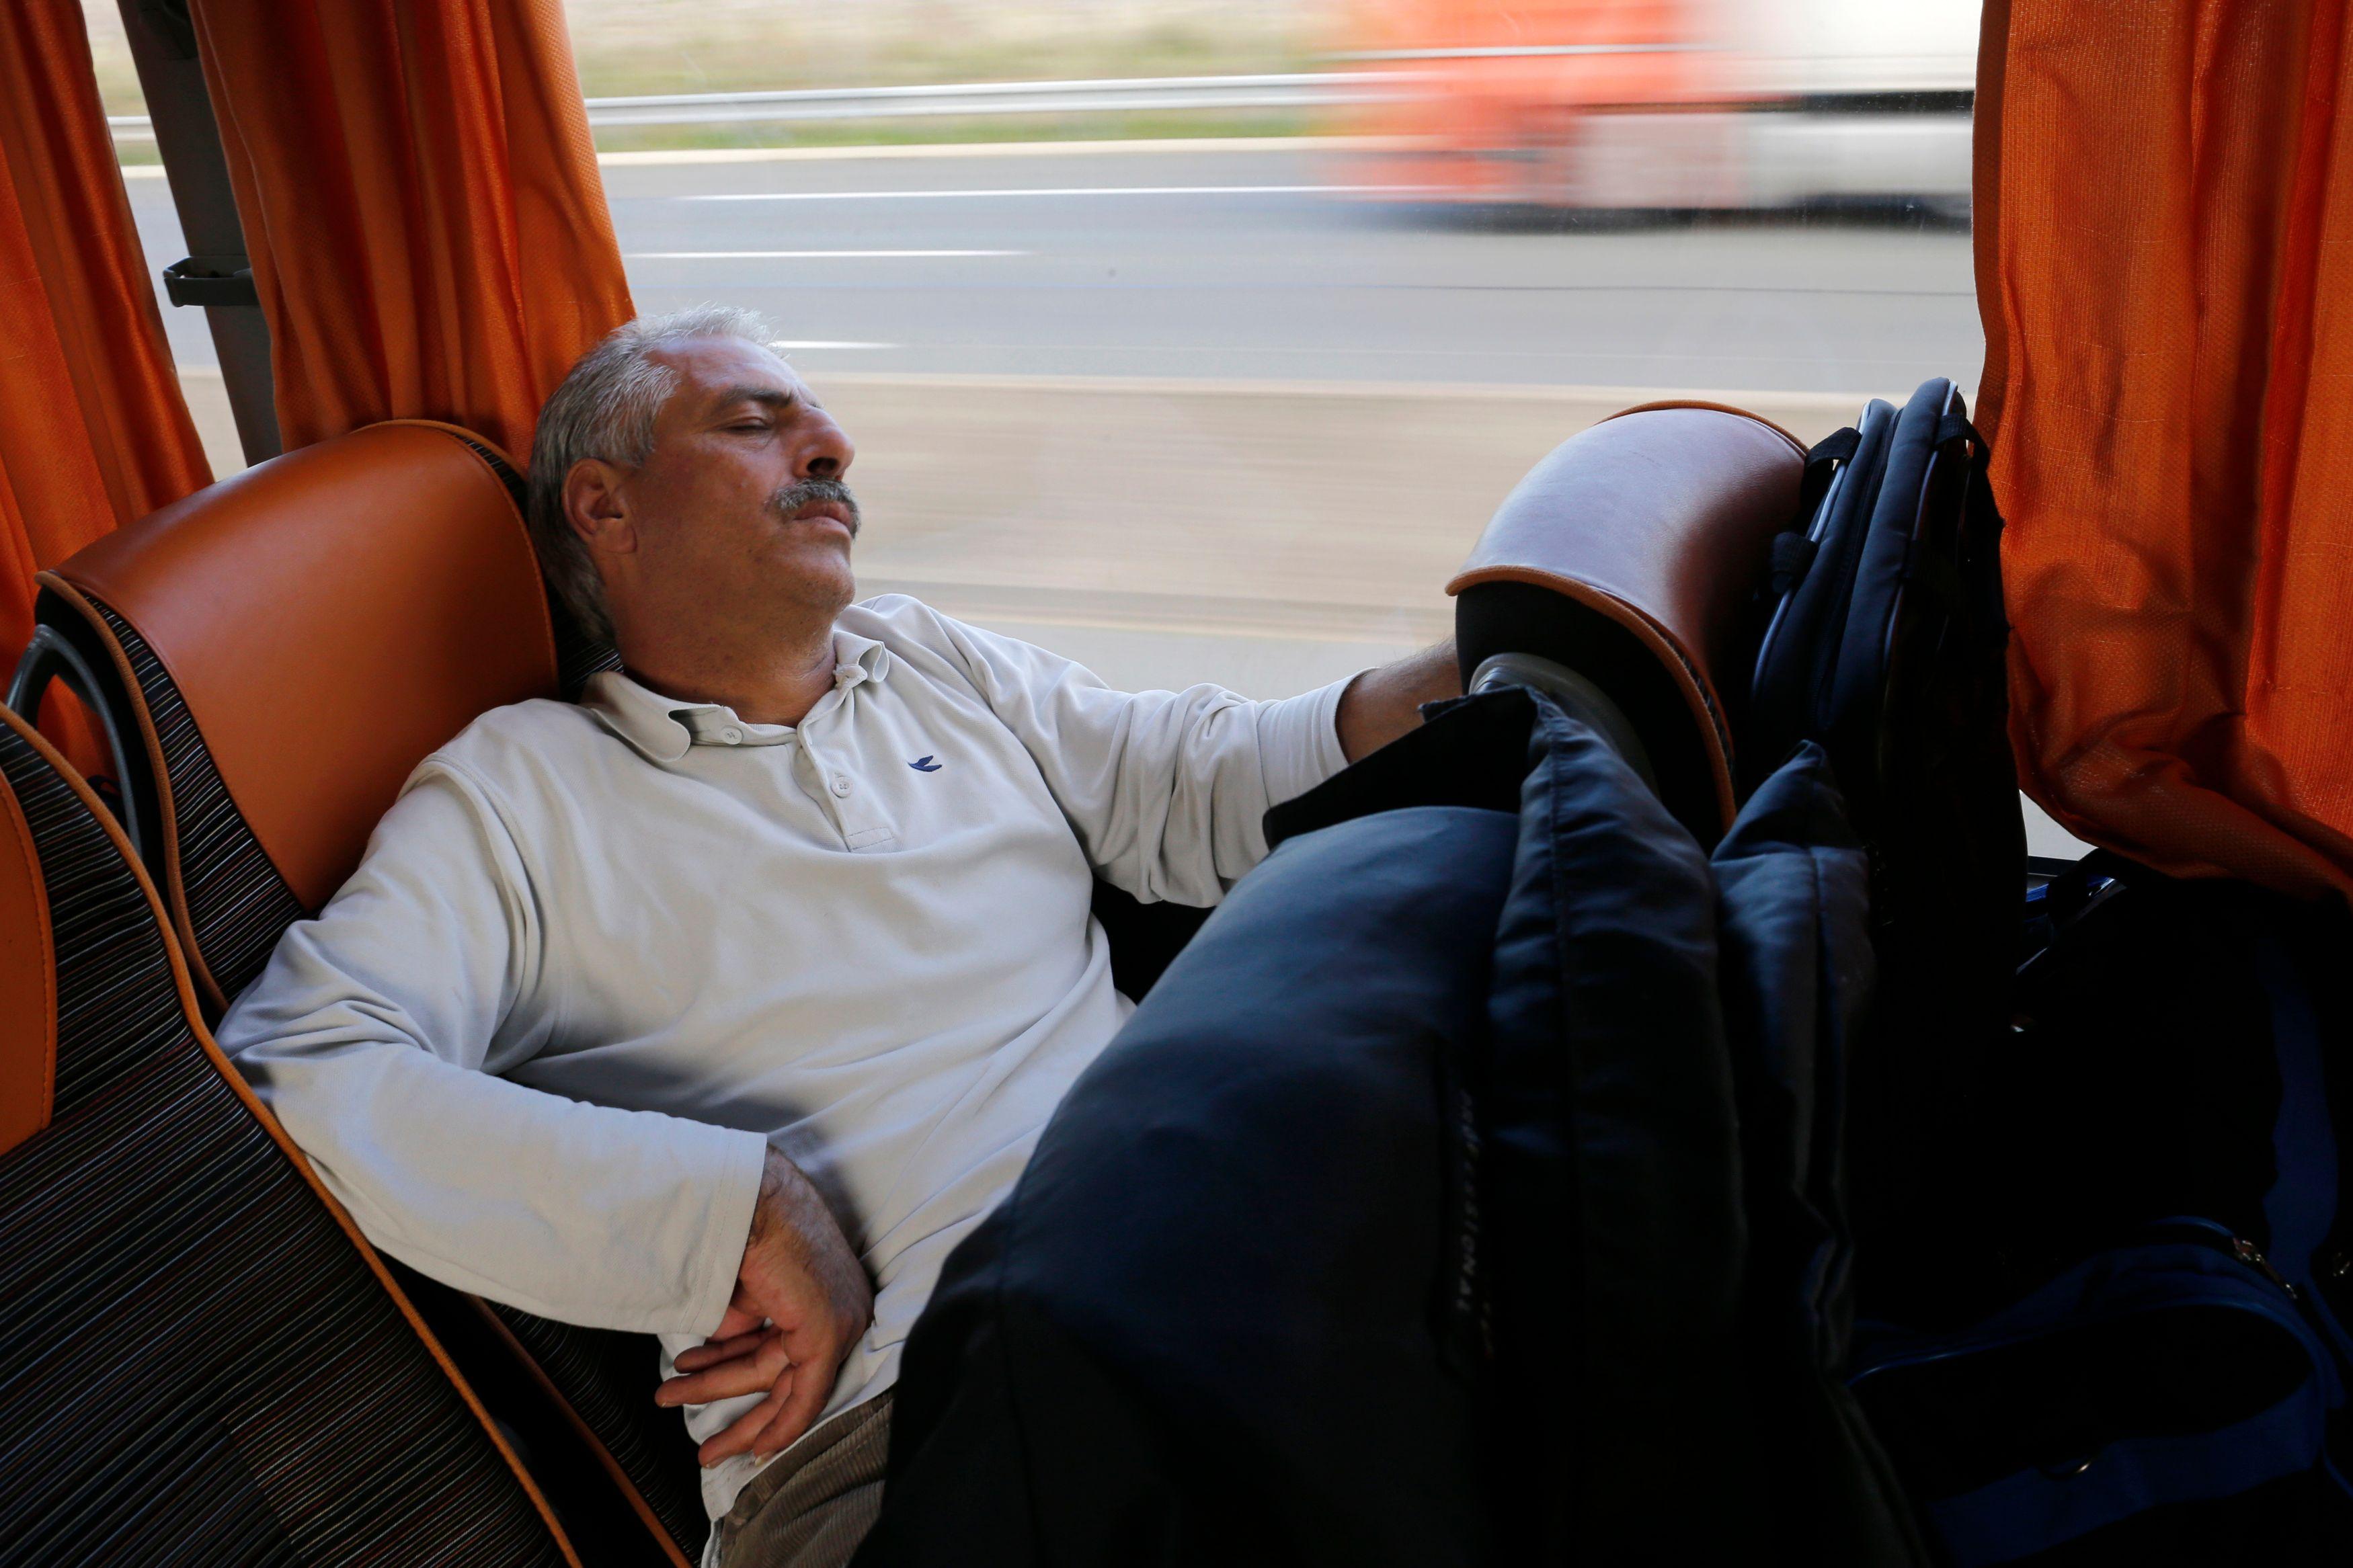 Samy Amimour avait travaillé 15 mois à la Régie des transports parisiens comme chauffeur de bus.